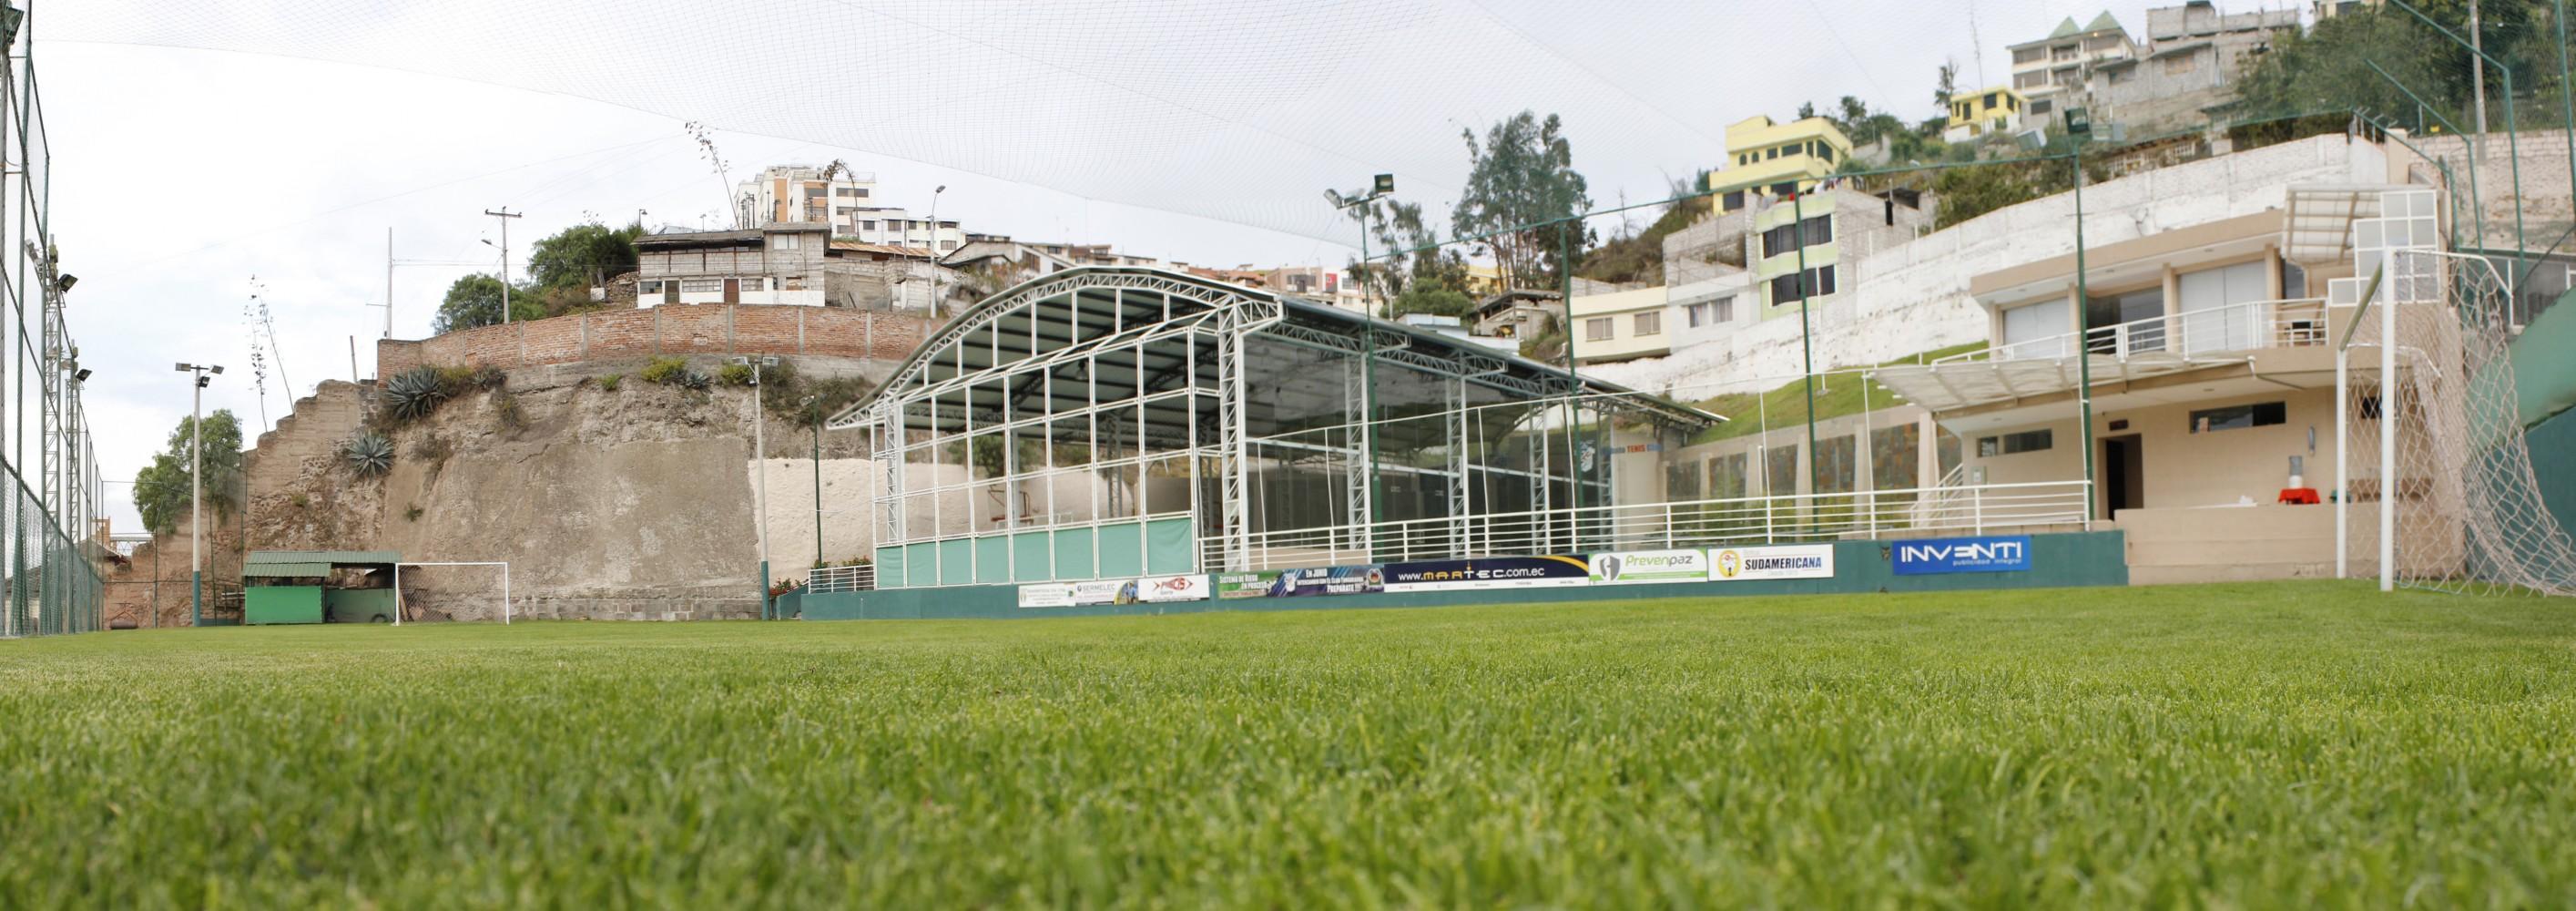 da6f479f8a3c Entrenamientos de Futbol Socios Junior - Ambato Tenis Club